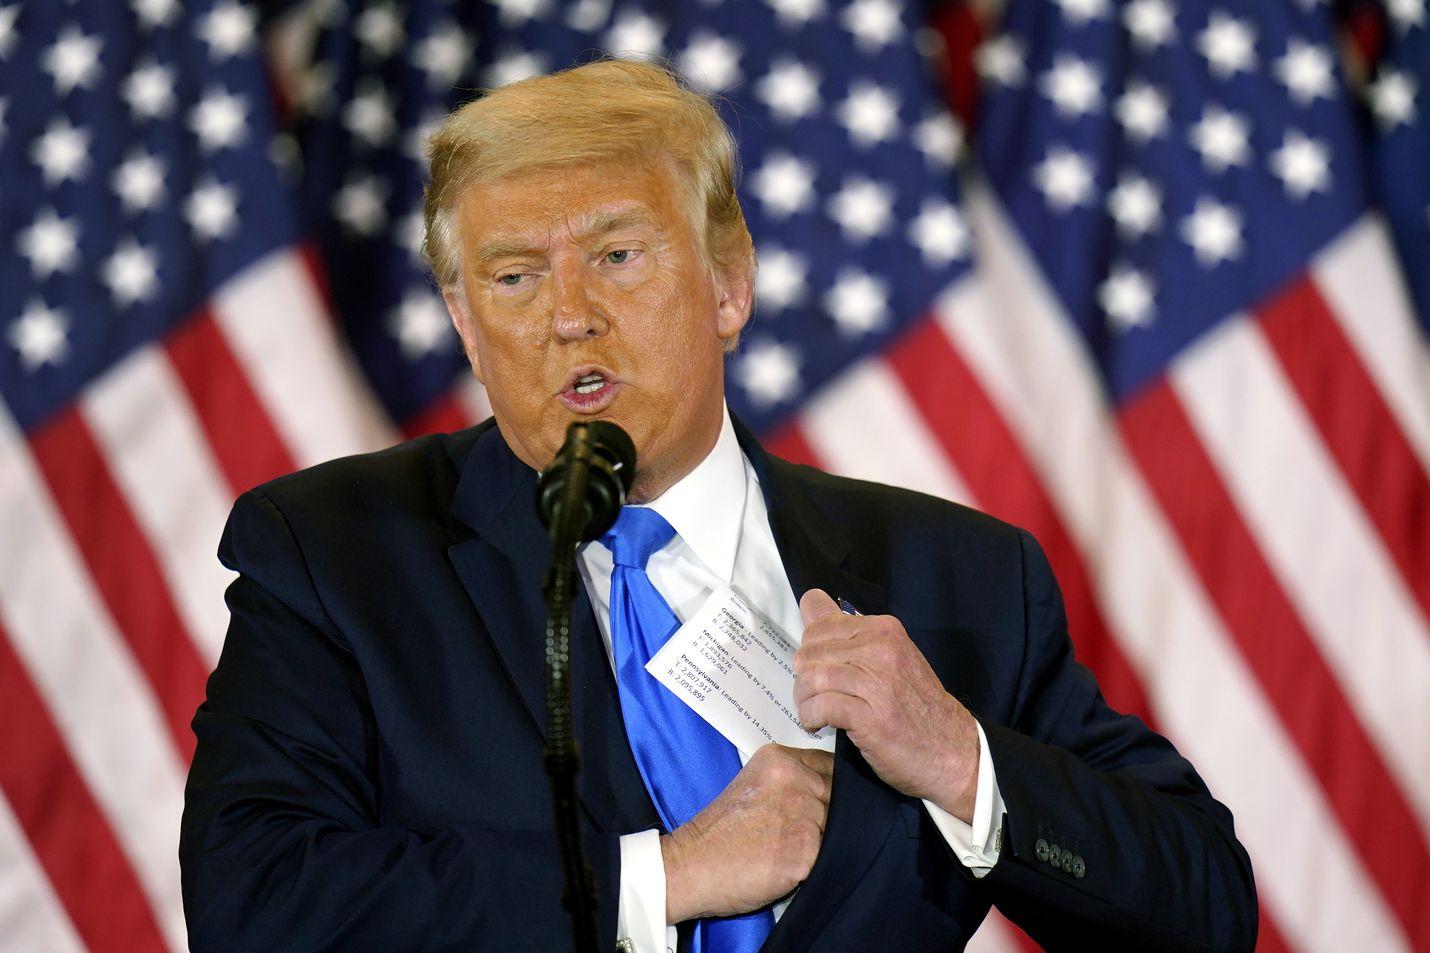 Yhdysvaltojen presidentti Donald Trump ei ole suostunut tunnustamaan tappiotaan, vaan väittää vaaleja vilpillisesti. Väitteelle ei ole esitetty mitään perusteita.